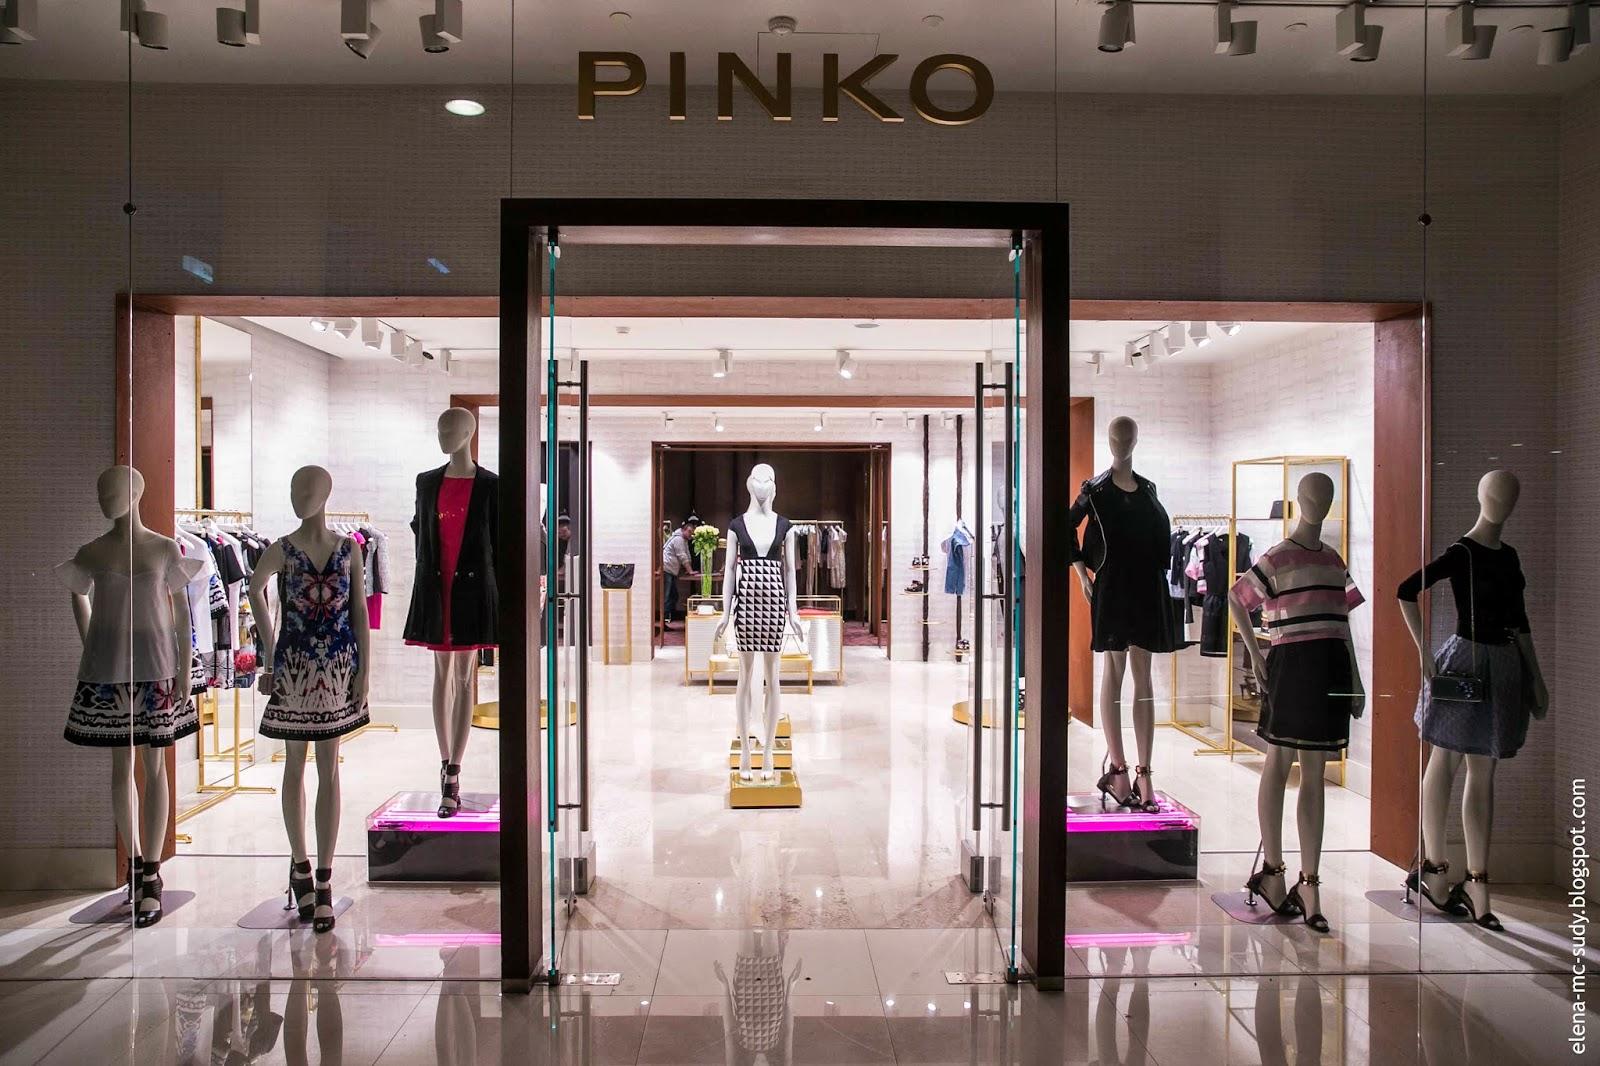 Pinko (Пинко)